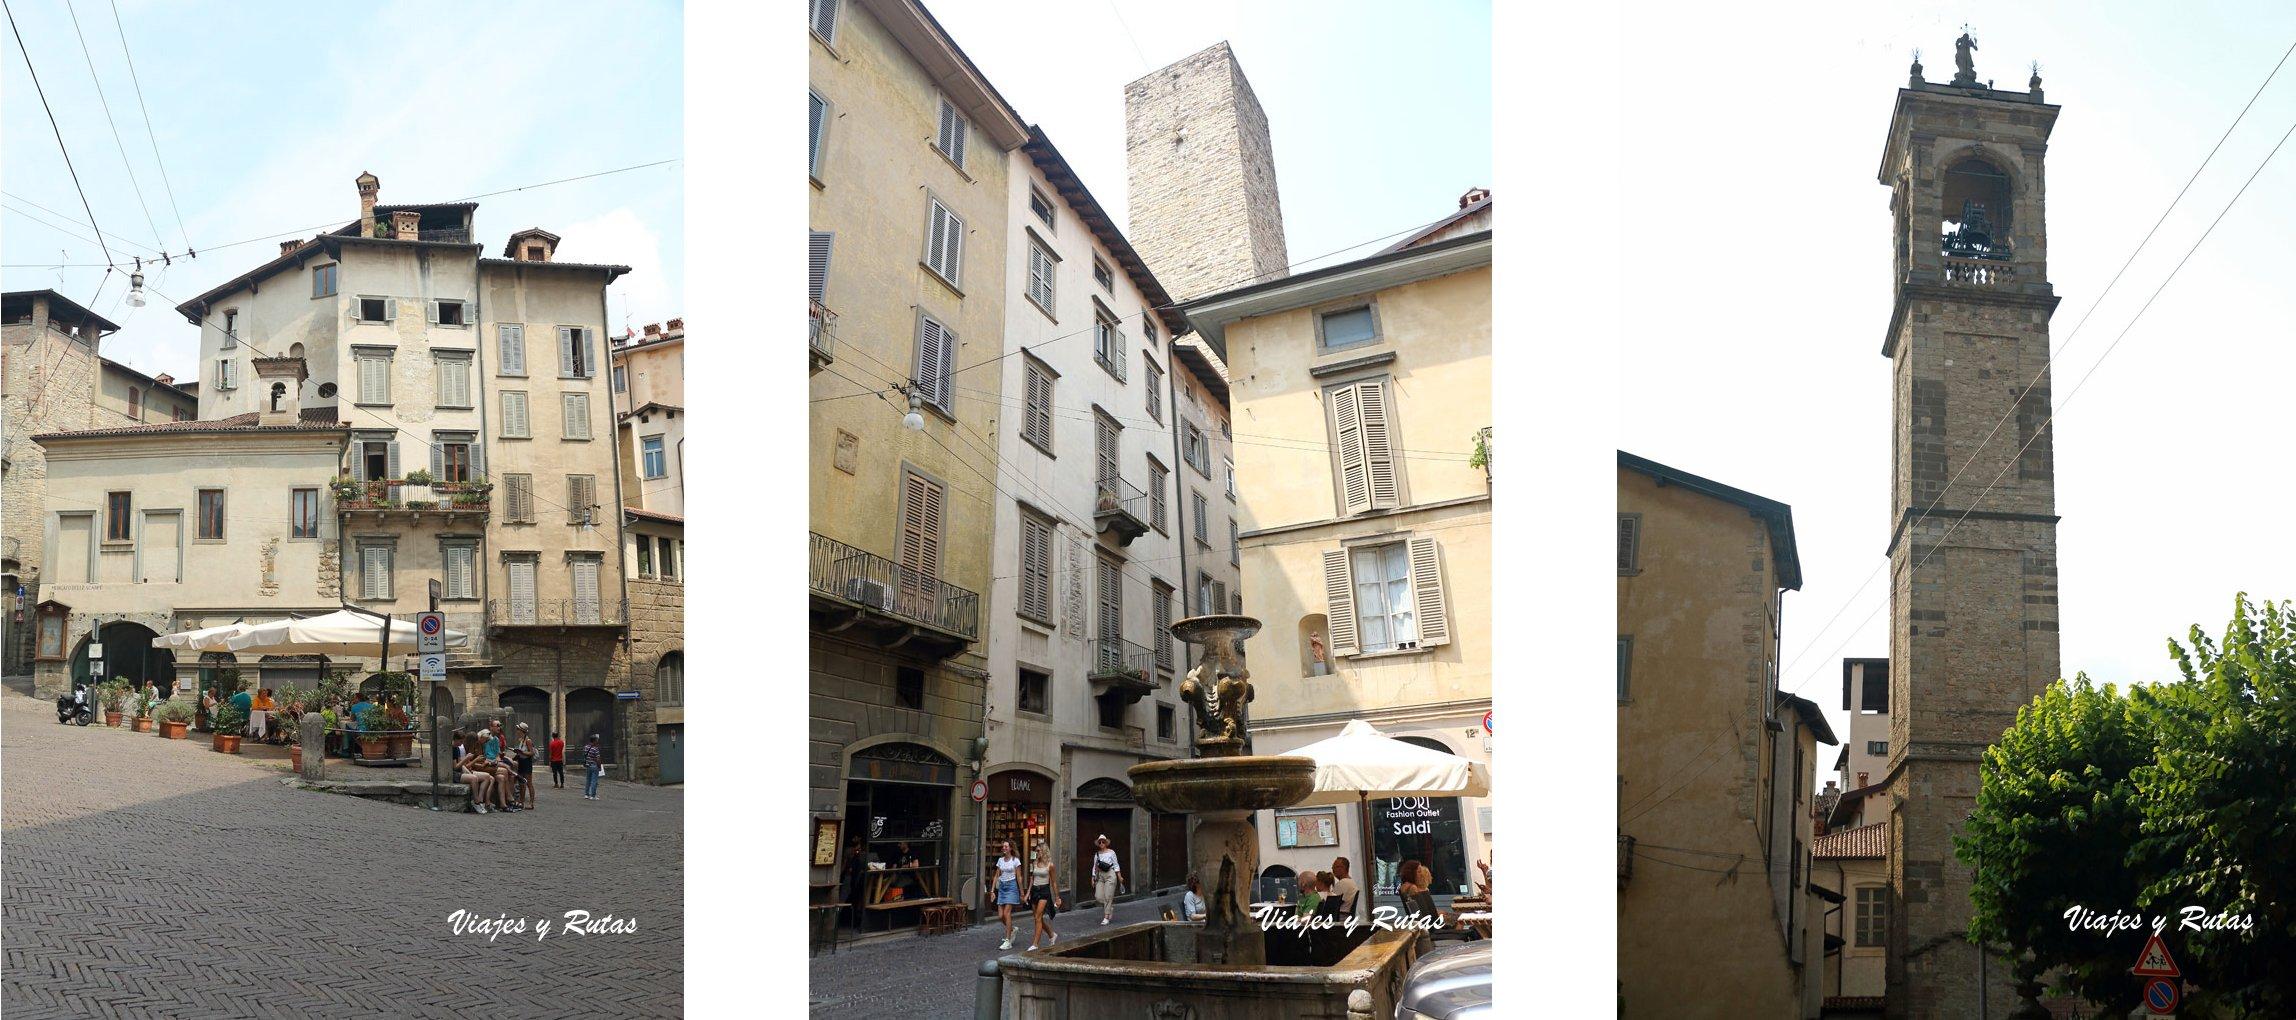 Plazas y Calles de la ciudad alta de Bérgamo